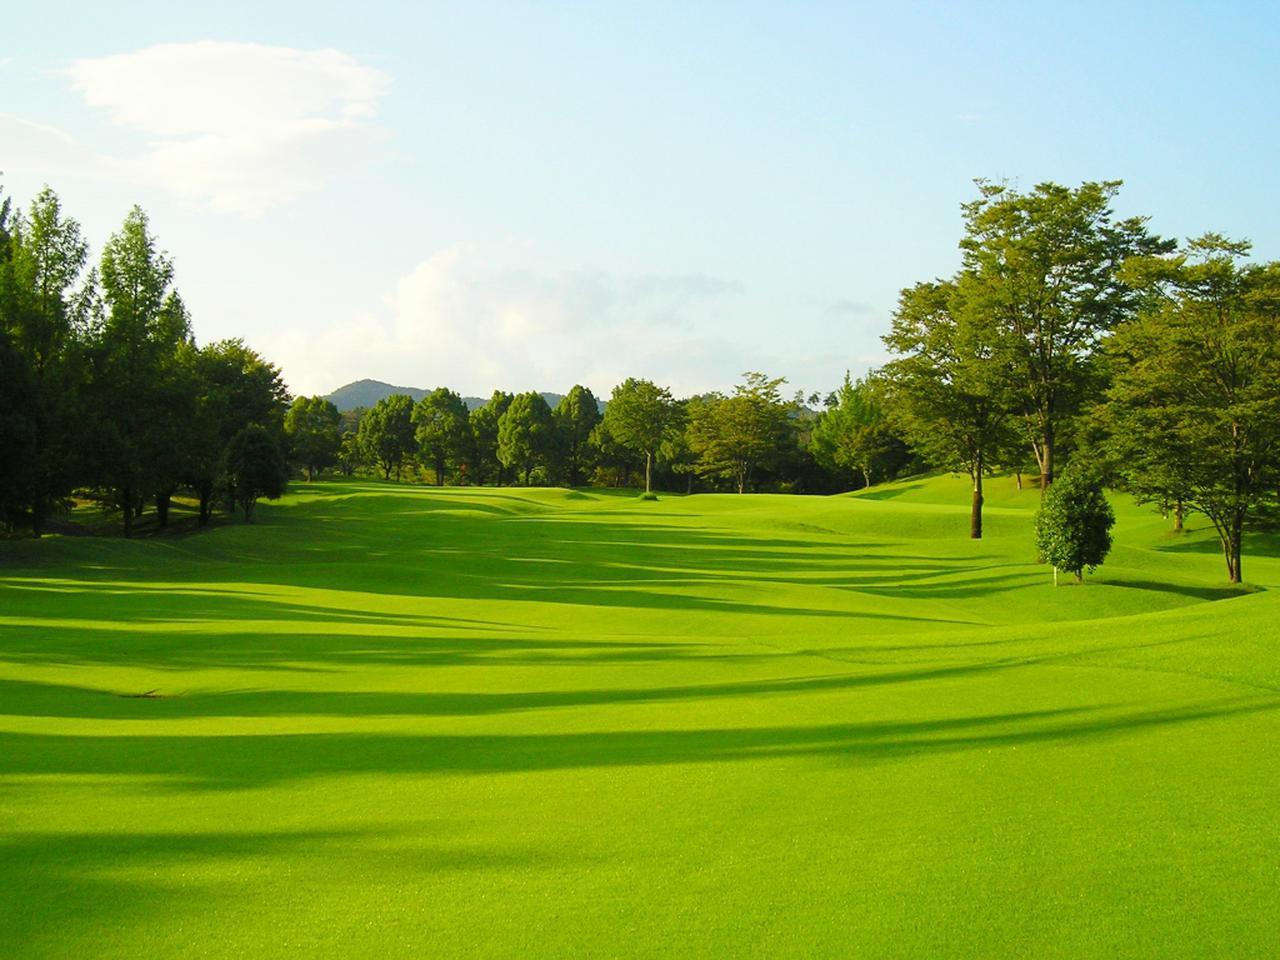 画像1: 皐月ゴルフ倶楽部 佐野コース